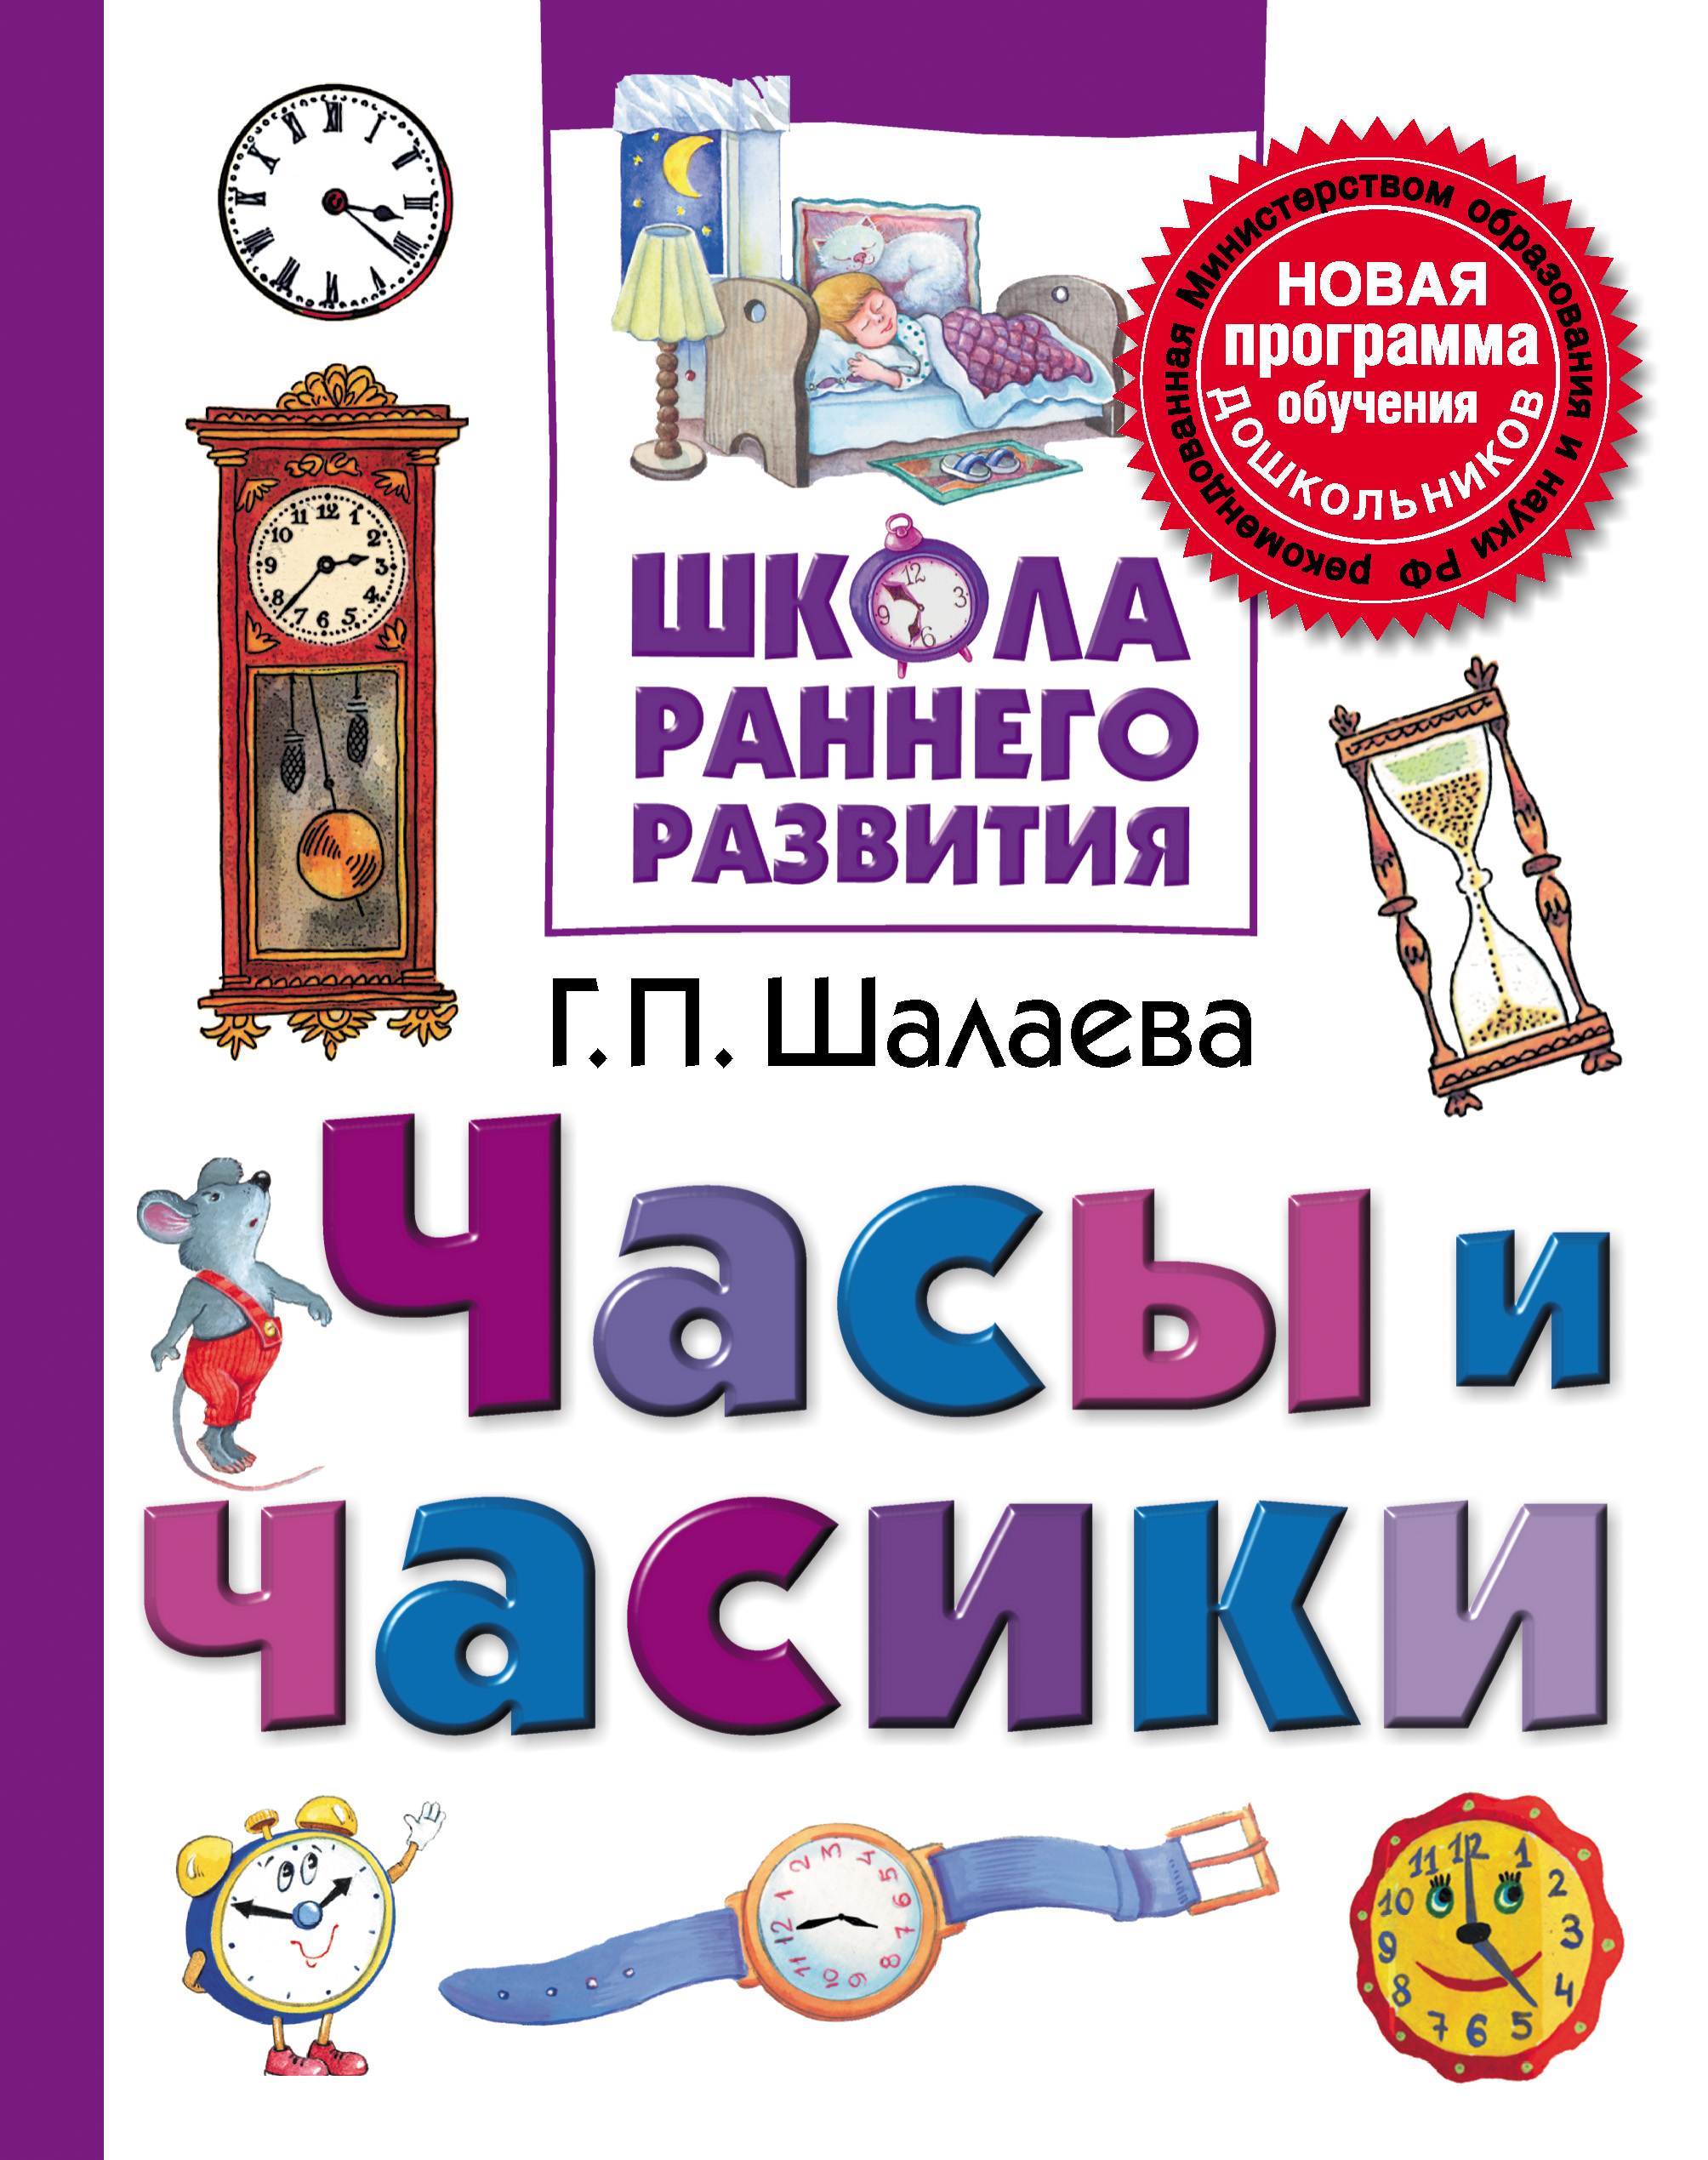 Часы и часики